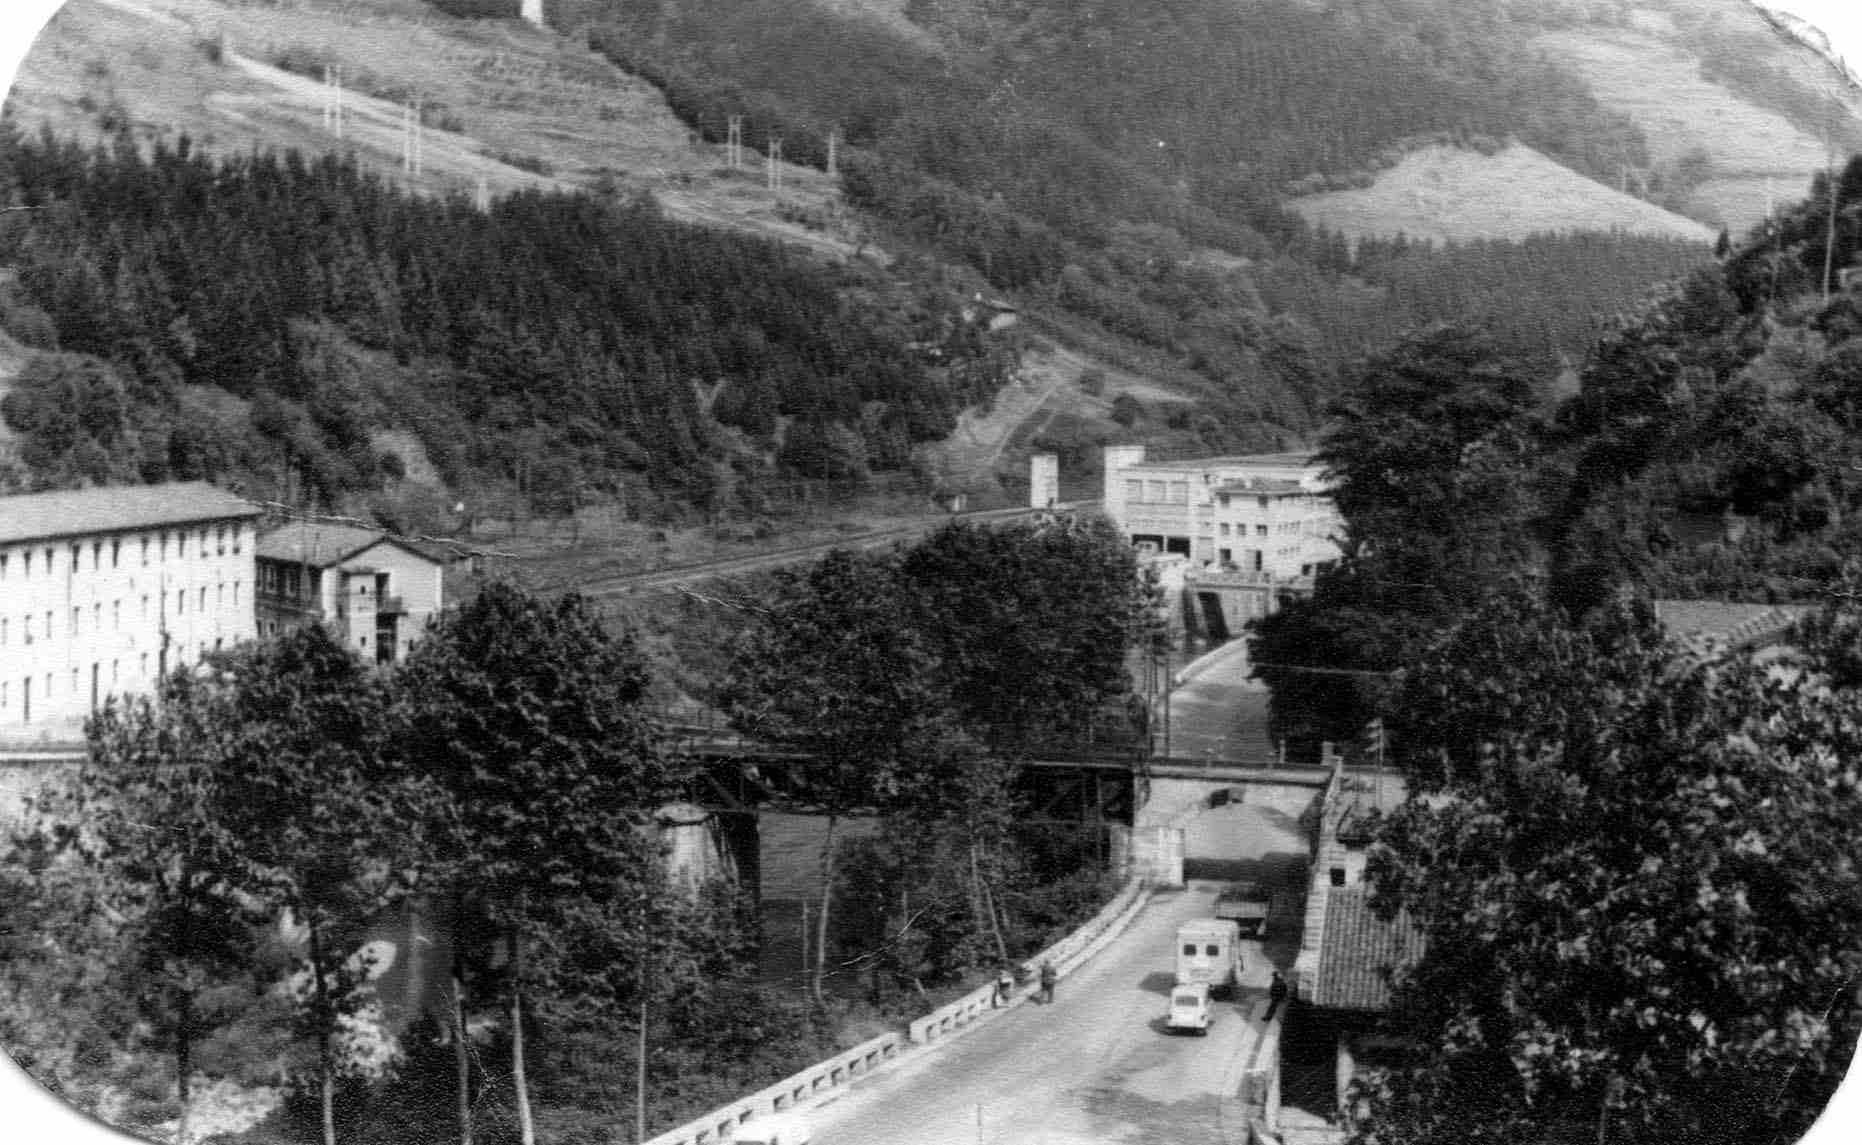 1975. Maltzaga: visión del barrio desde el patio de la escuela.